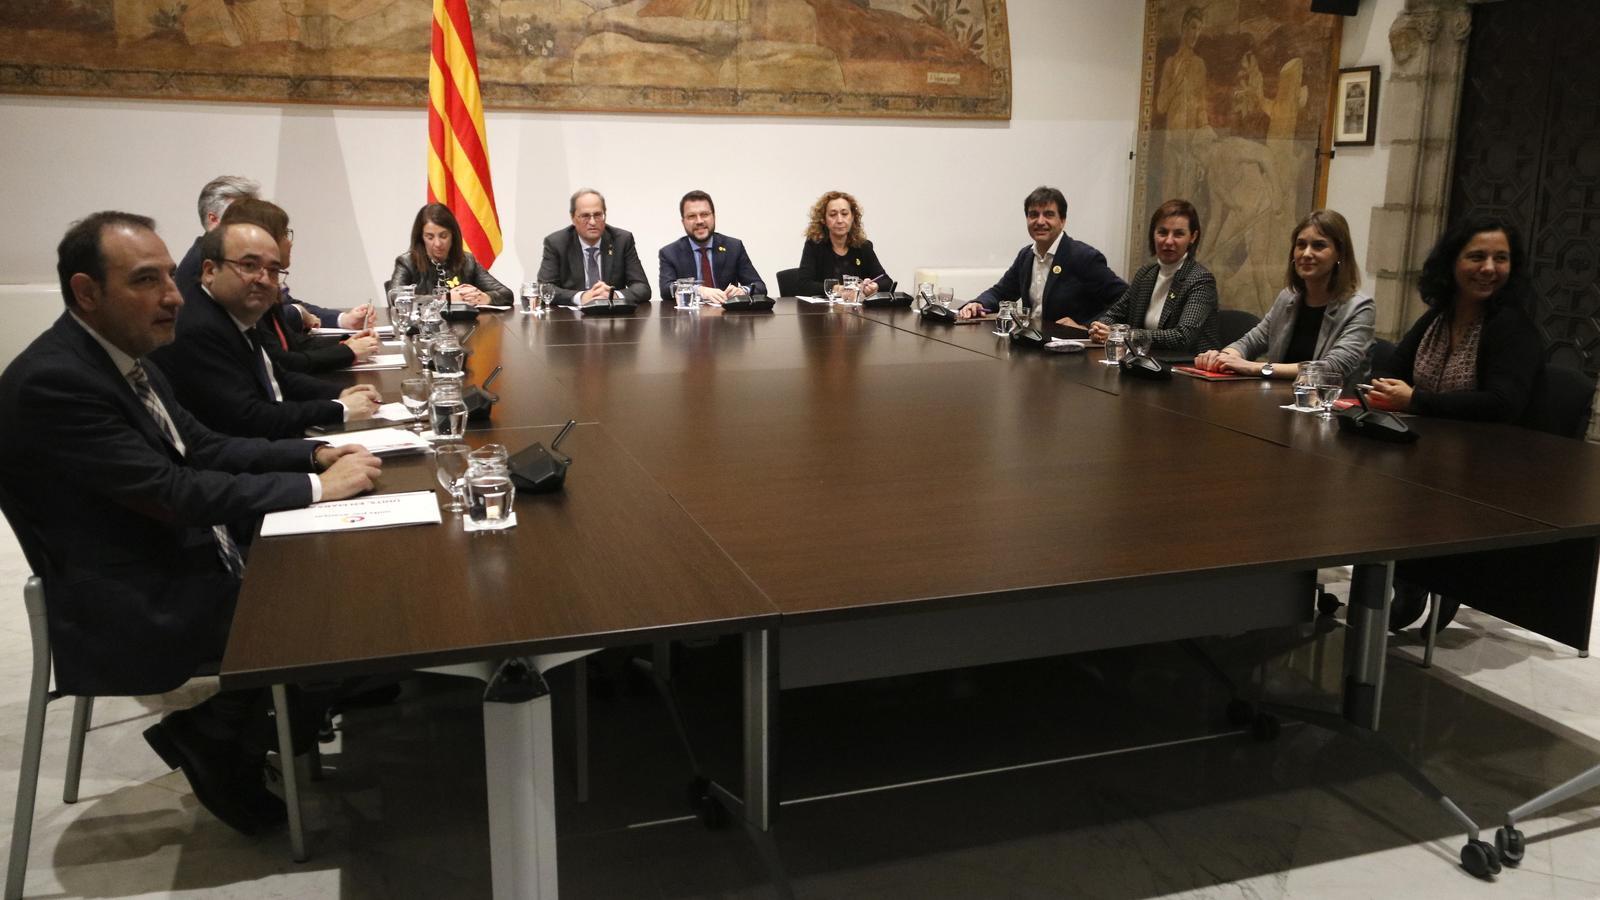 La taula de diàleg de partits catalans, aquest divendres al Palau de la Generalitat